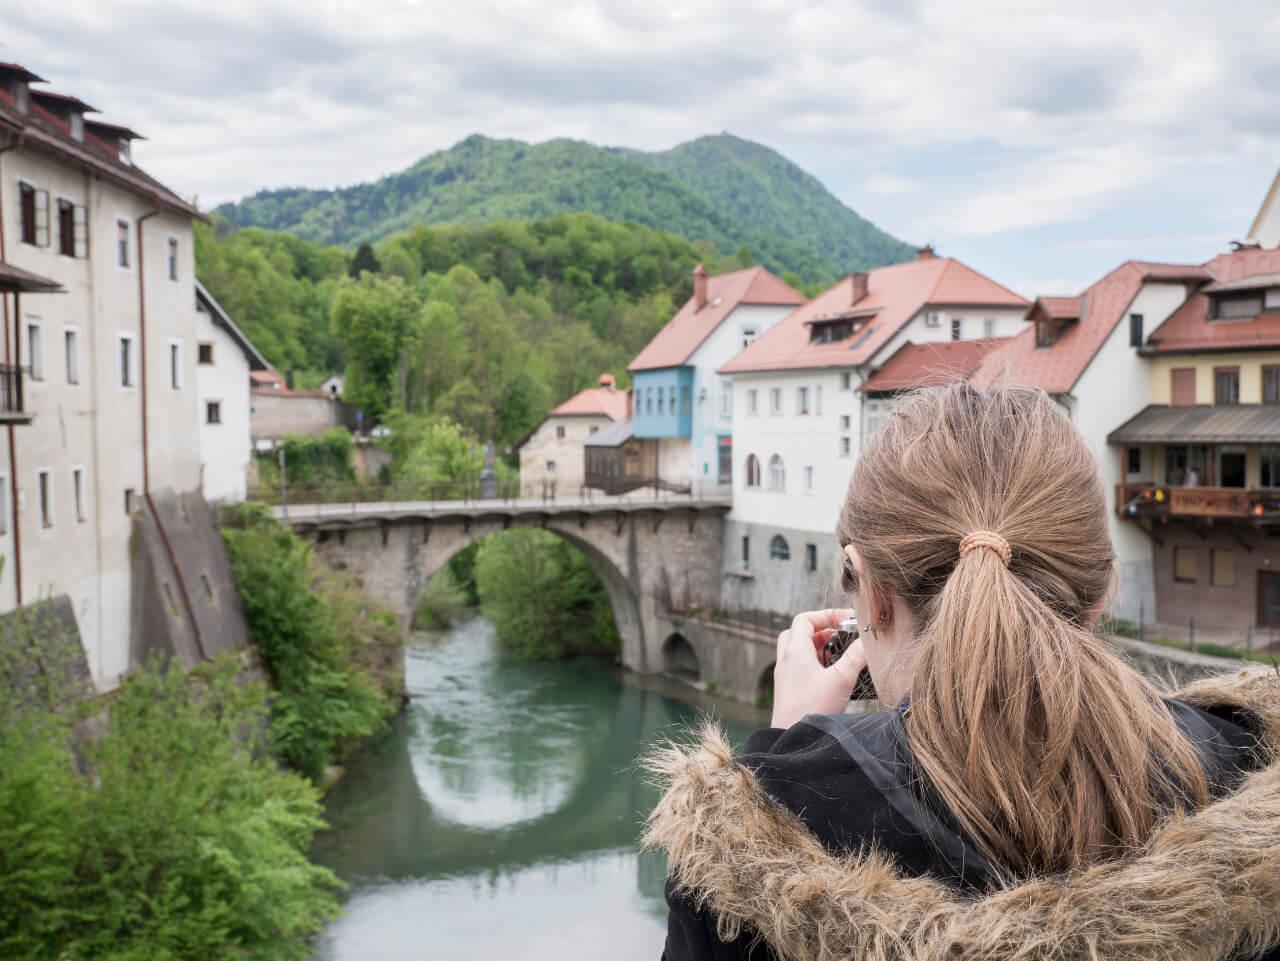 Natalia w Škofja Loka z widokiem na most